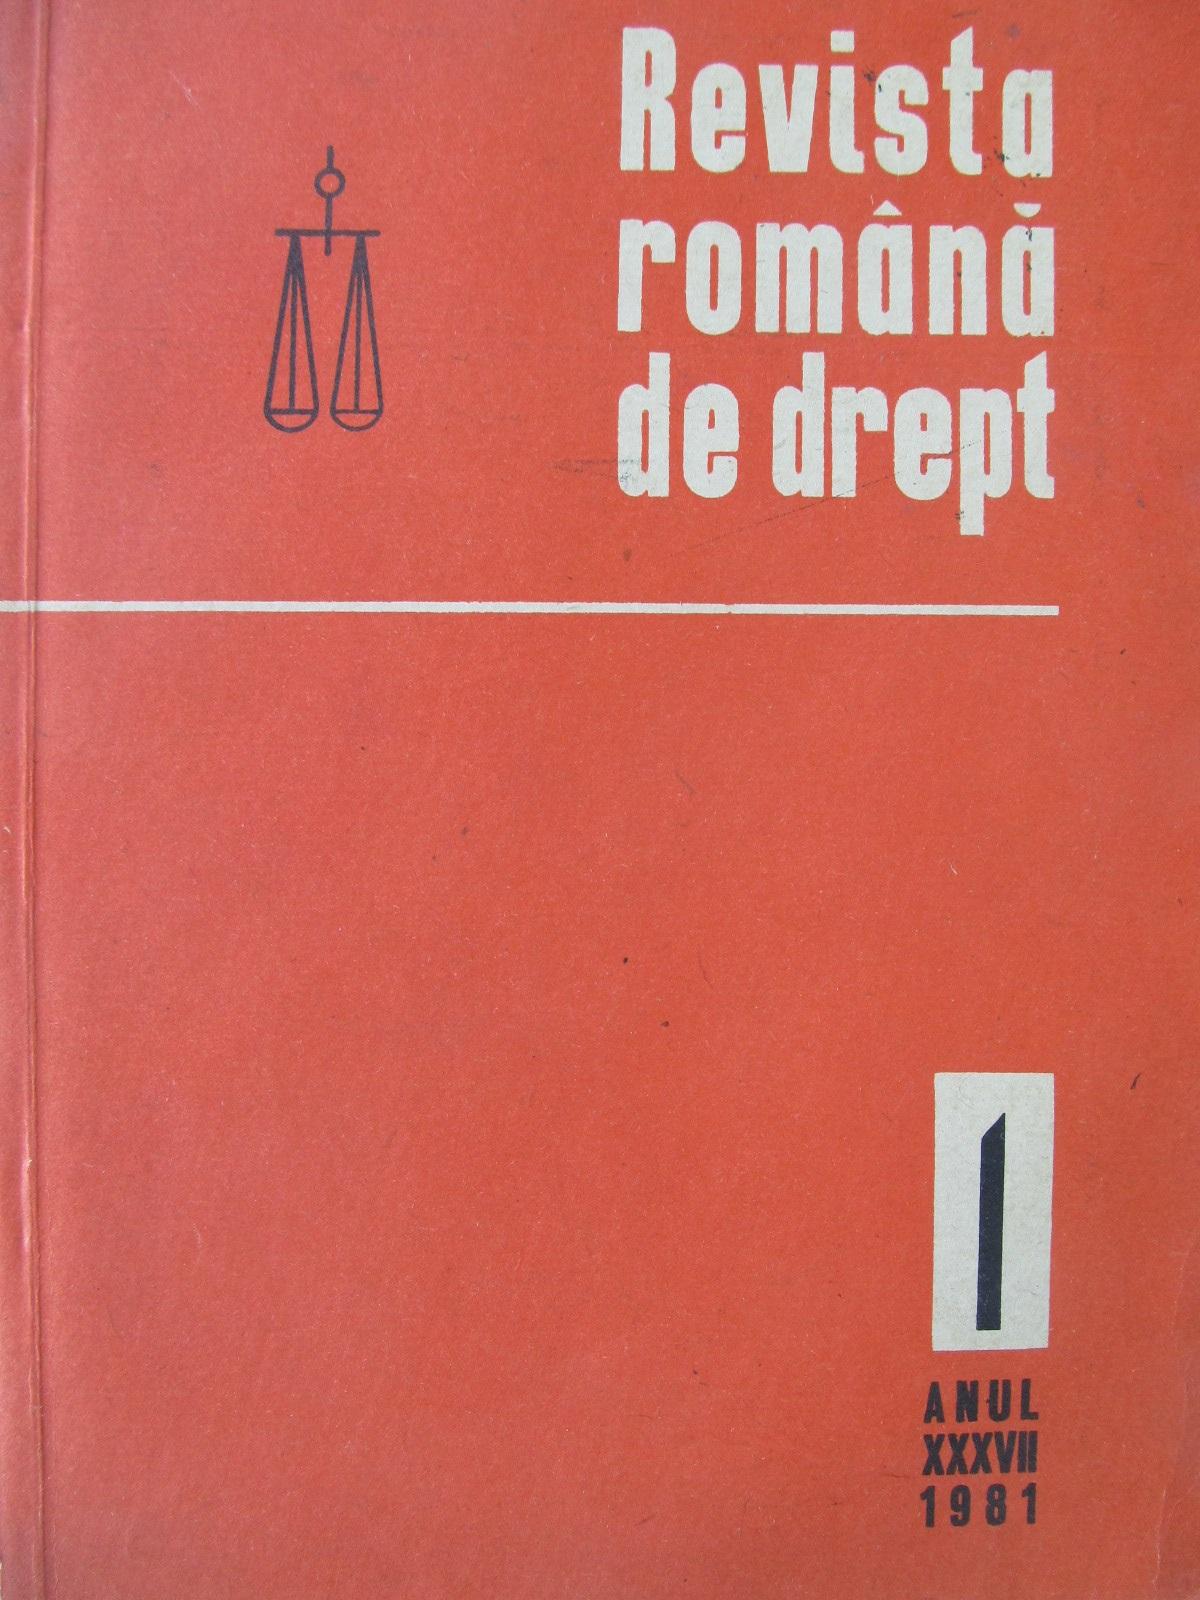 Revista romana de drept Nr. 1 / 1981 - *** | Detalii carte